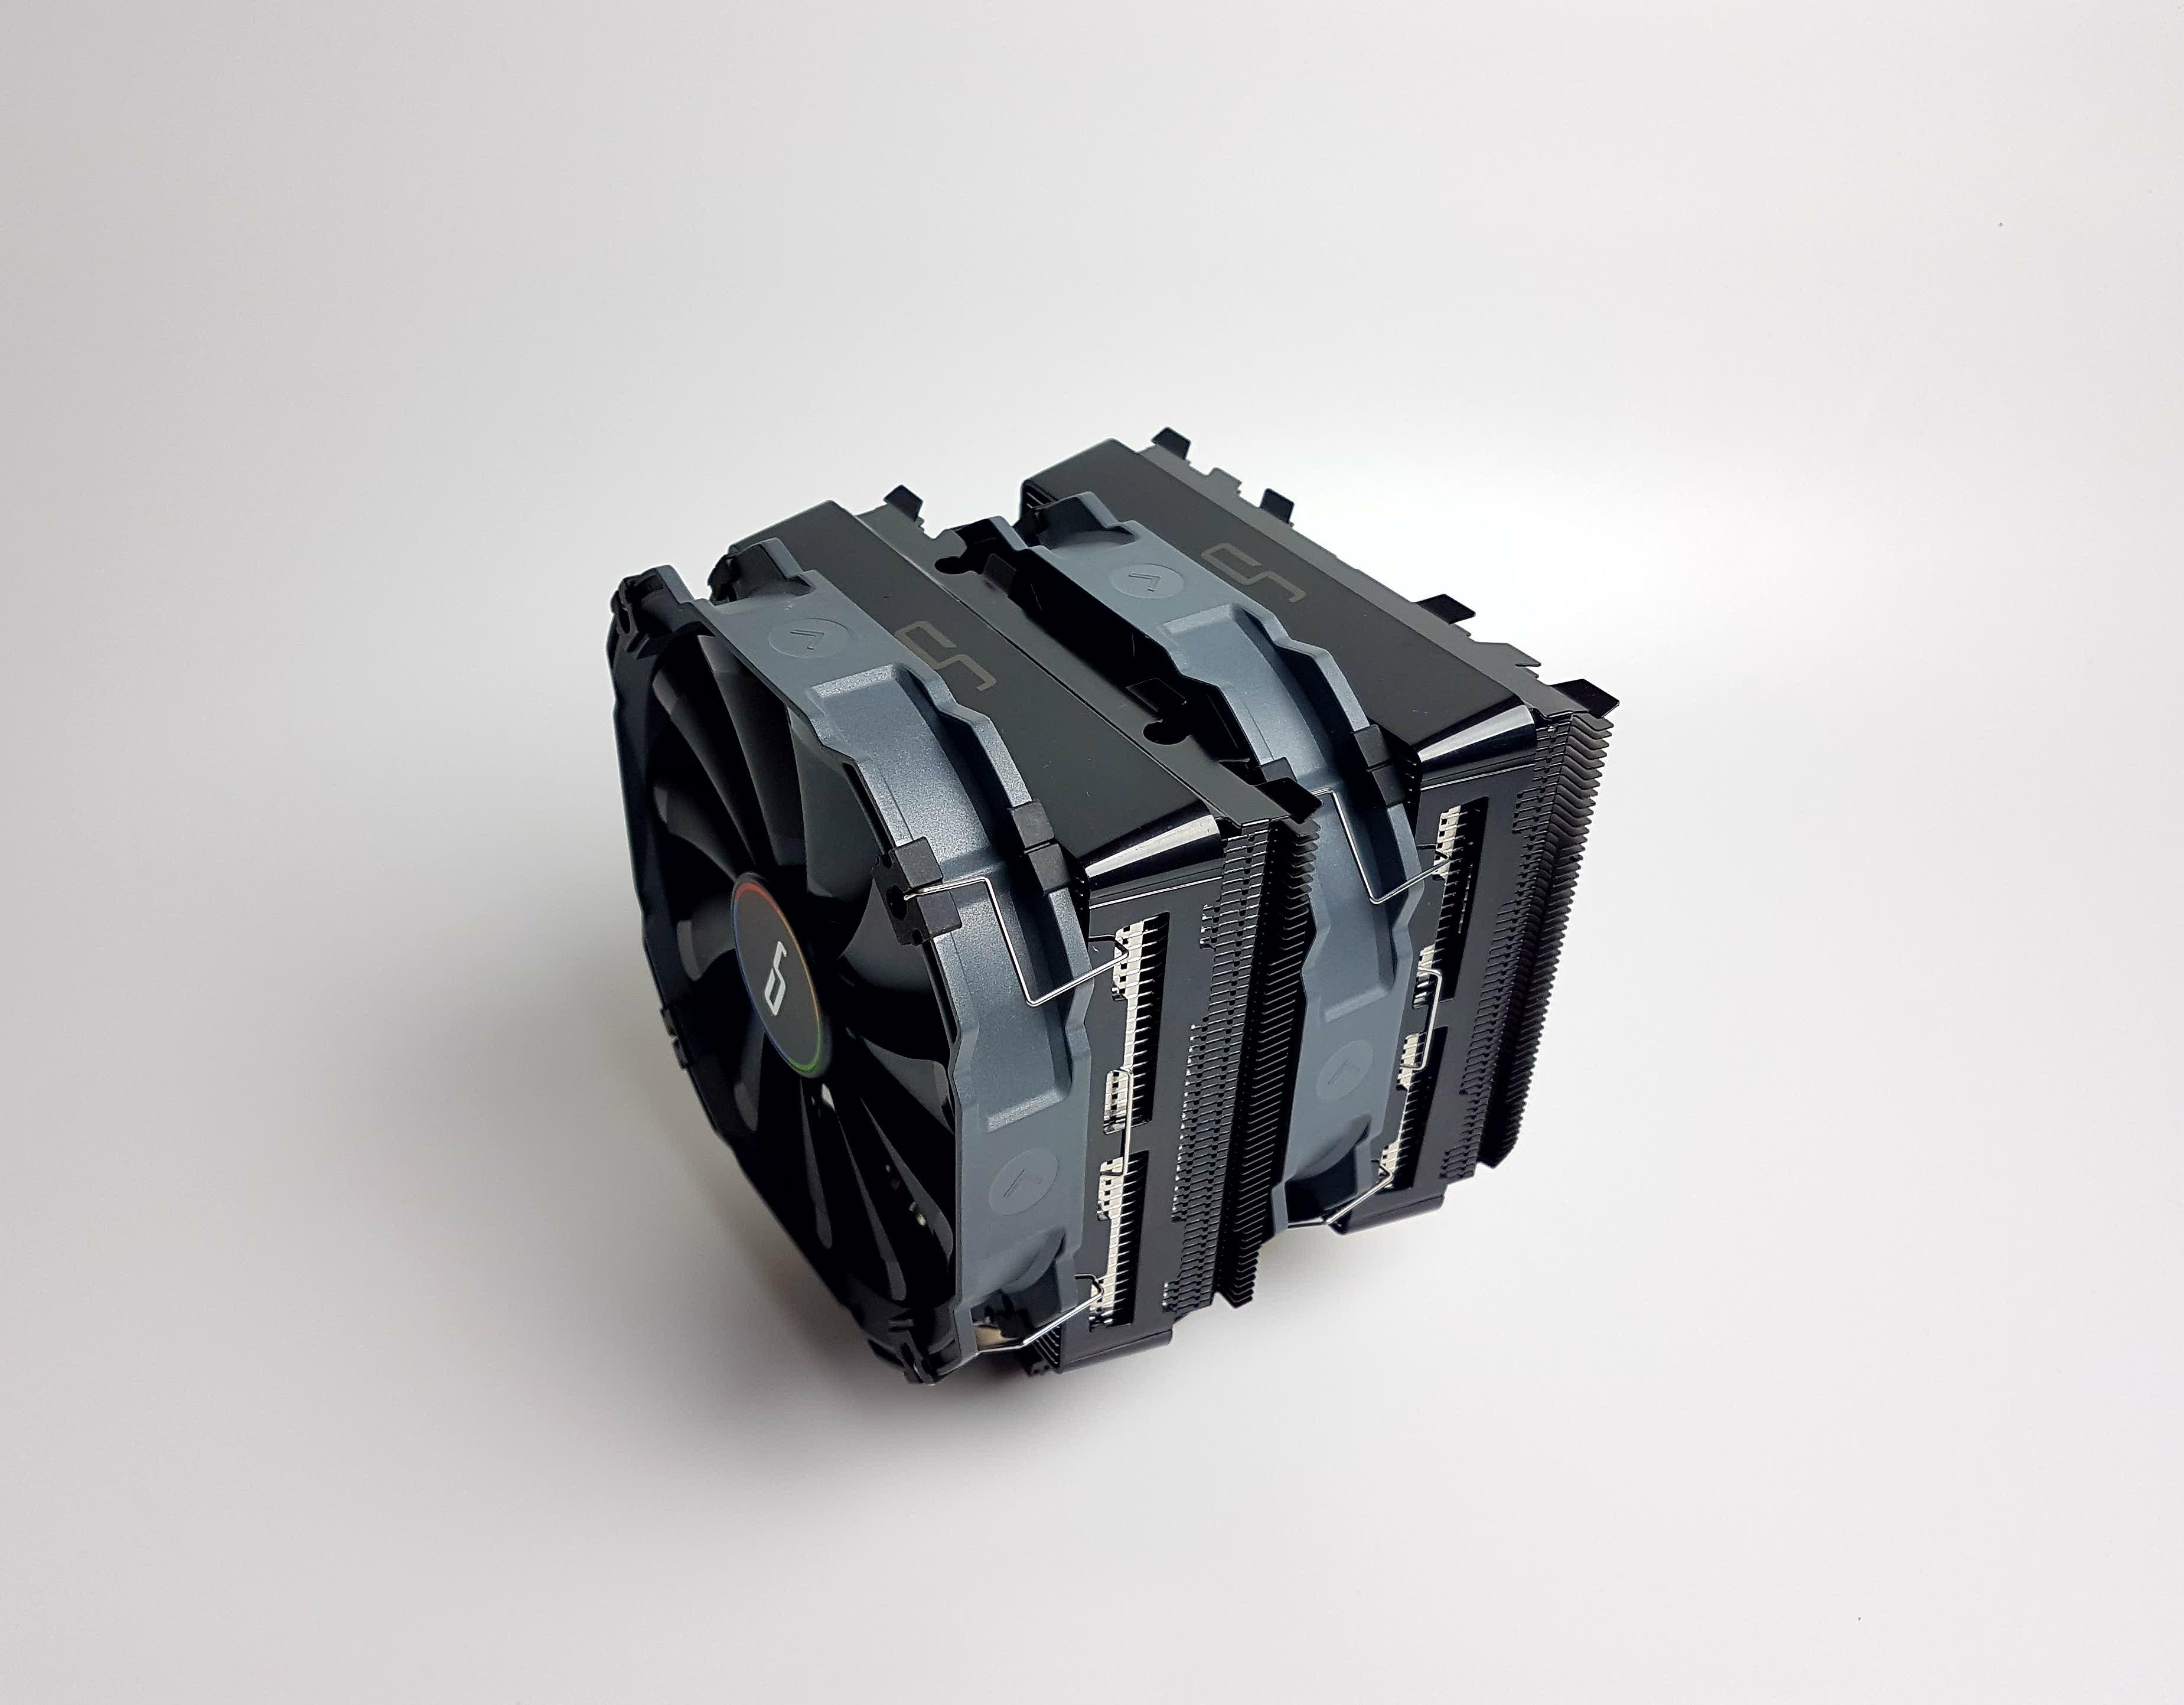 Cryorig R1 Ultimate CPU Air Cooler Review